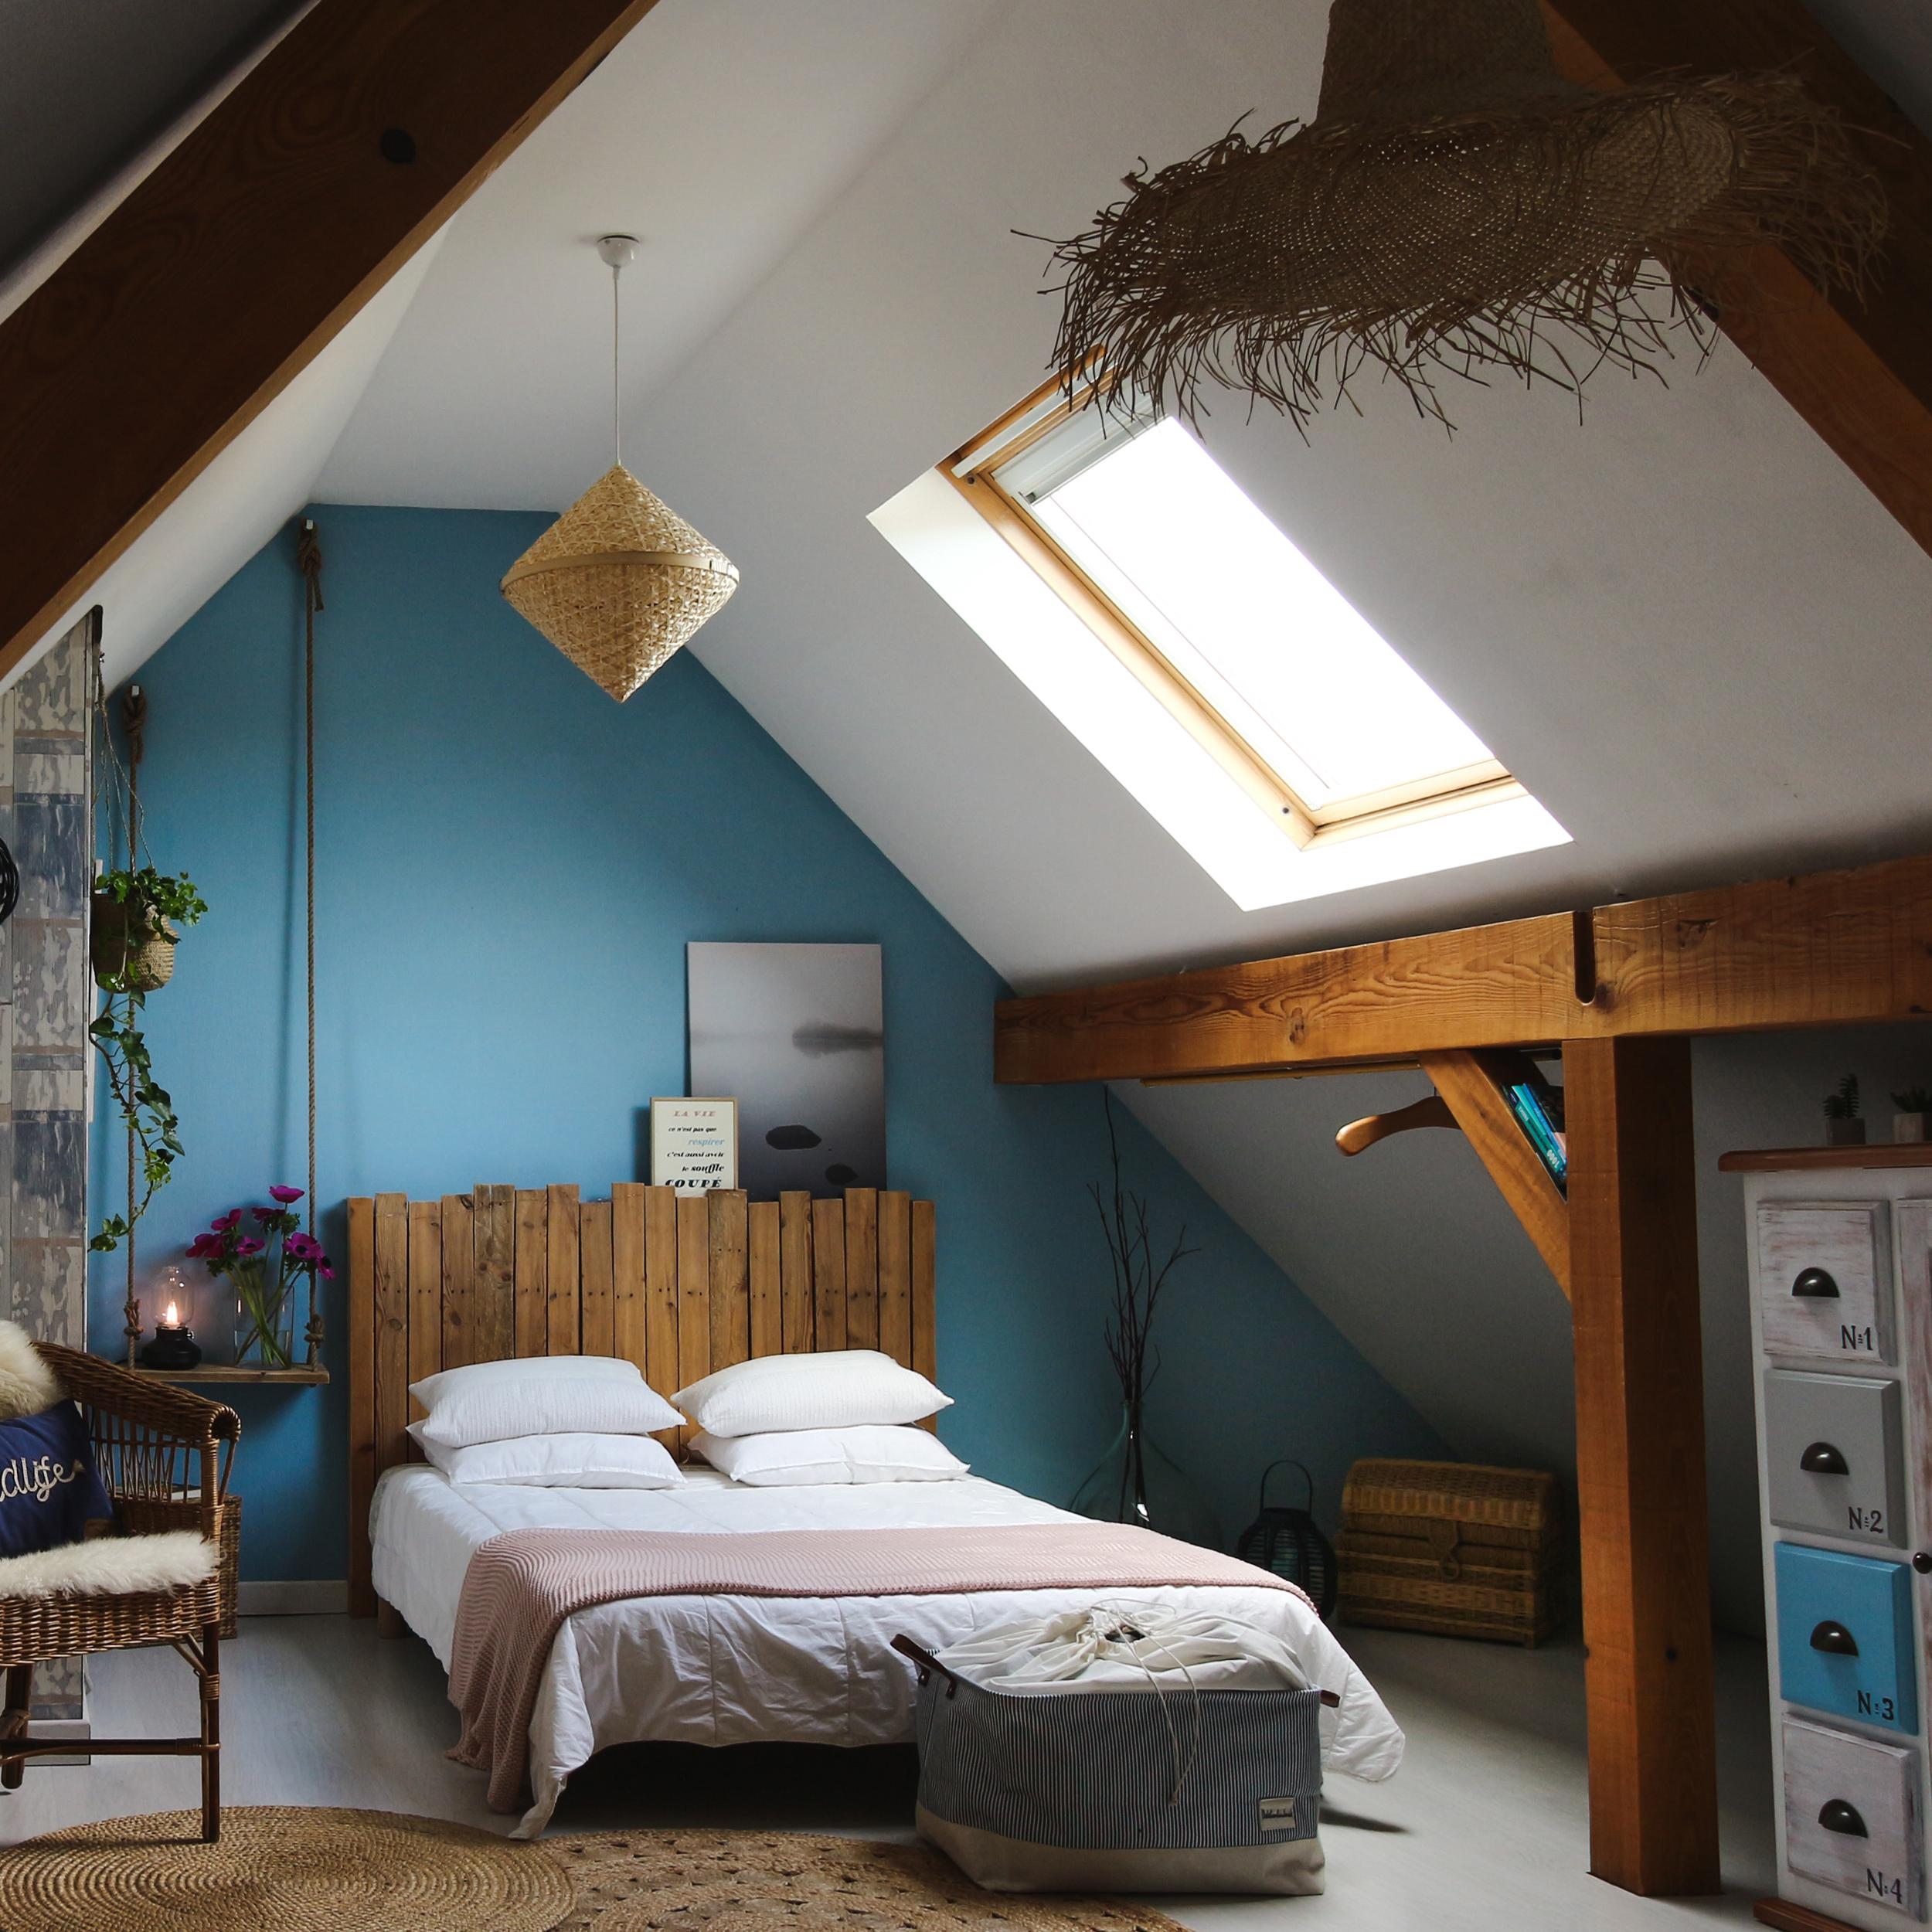 Dachgeschoss Ausbauen Was Ist Zu Beachten Beim Dachausbau In Nrw Raumakrobatik